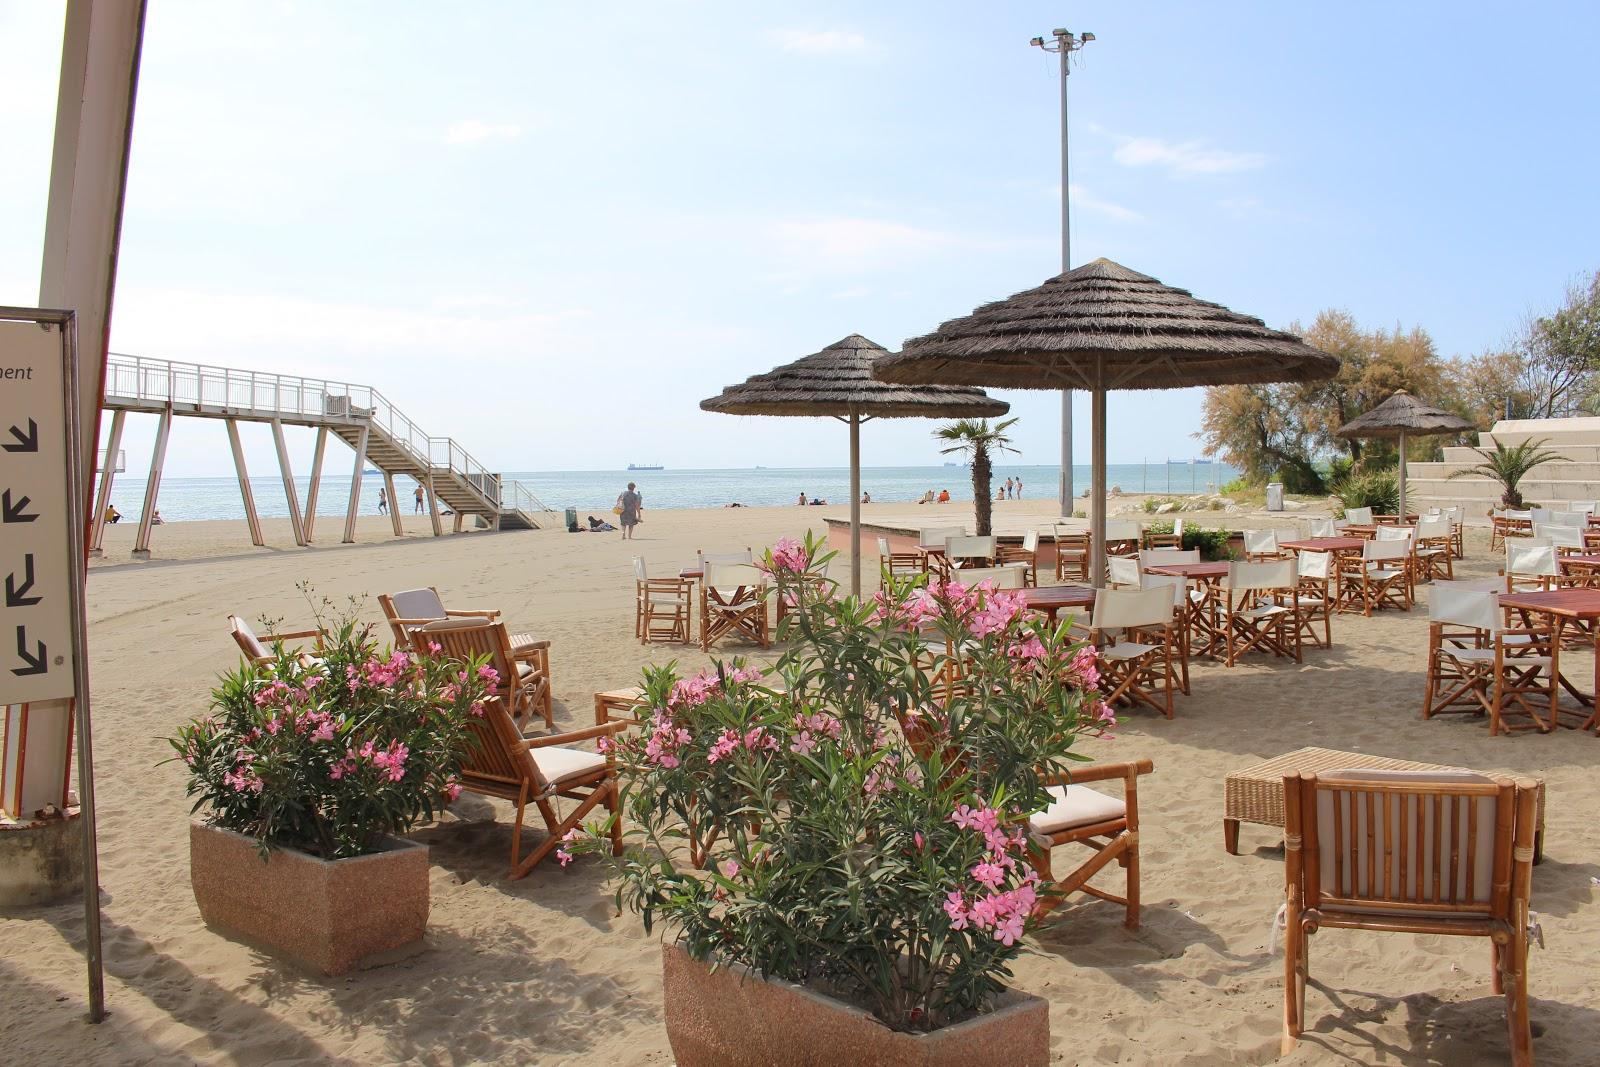 Der Sommer ist da, die Urlaube werden gebucht - nur was soll man buchen? Einen Strandurlaub in Italien, eine Kreuzfahrt übers mehr oder doch lieber einen Städtetrip?! Erfahrt in meinem heutigen Blogbeitrag wie ich mir einen perfekten Tag am Strand vorstelle und ja - ich bin absolut Typ Strand&Meer. Schaut vorbei auf www.moreaboutdanie.at